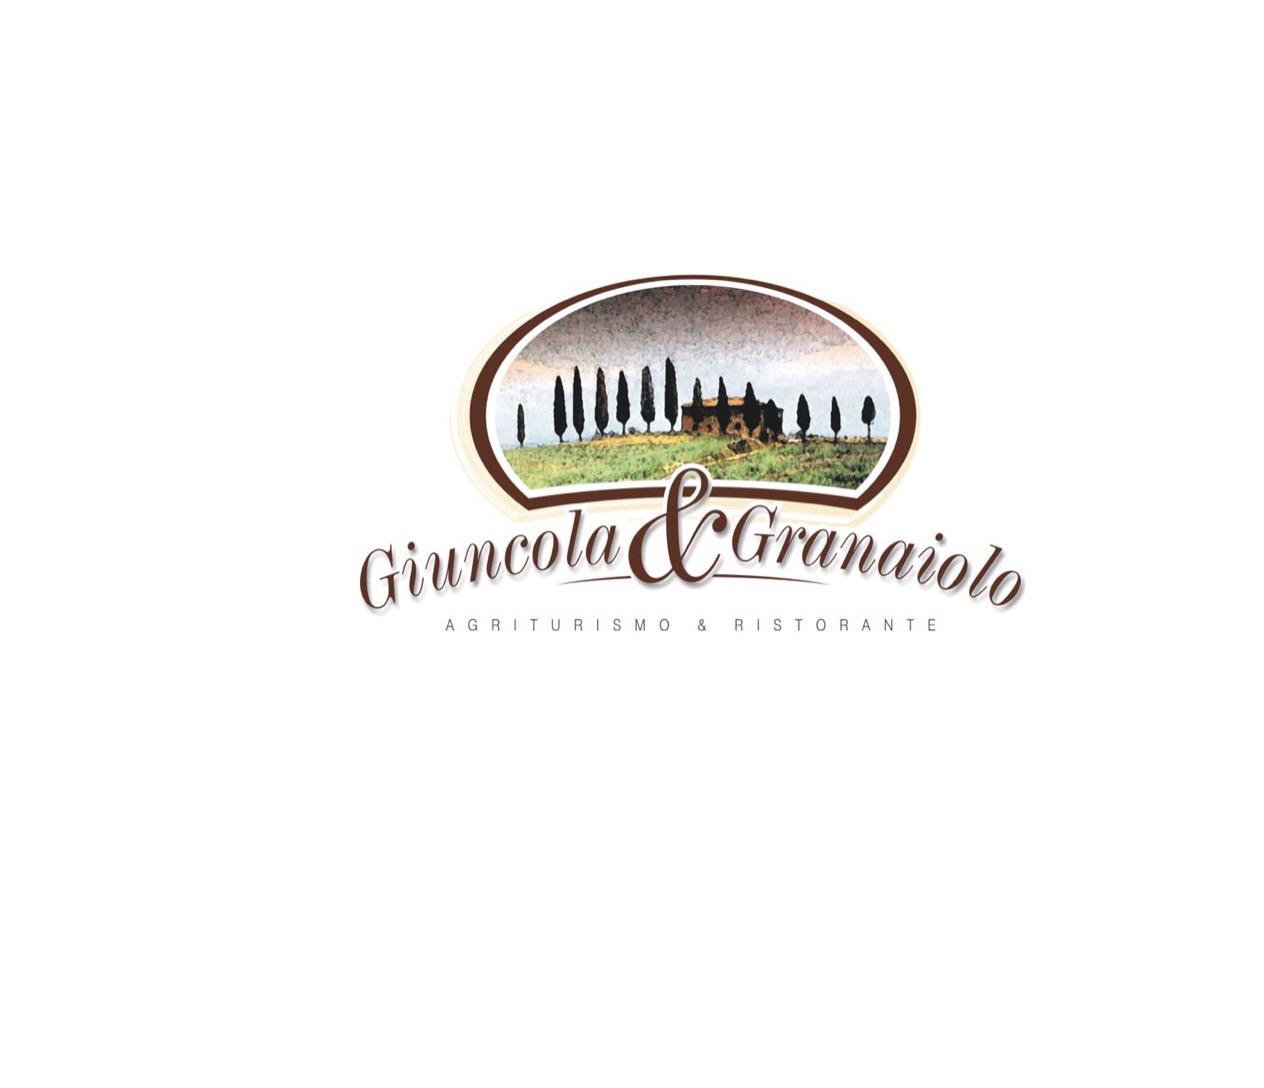 GIUNCOLA & GRANAIOLO